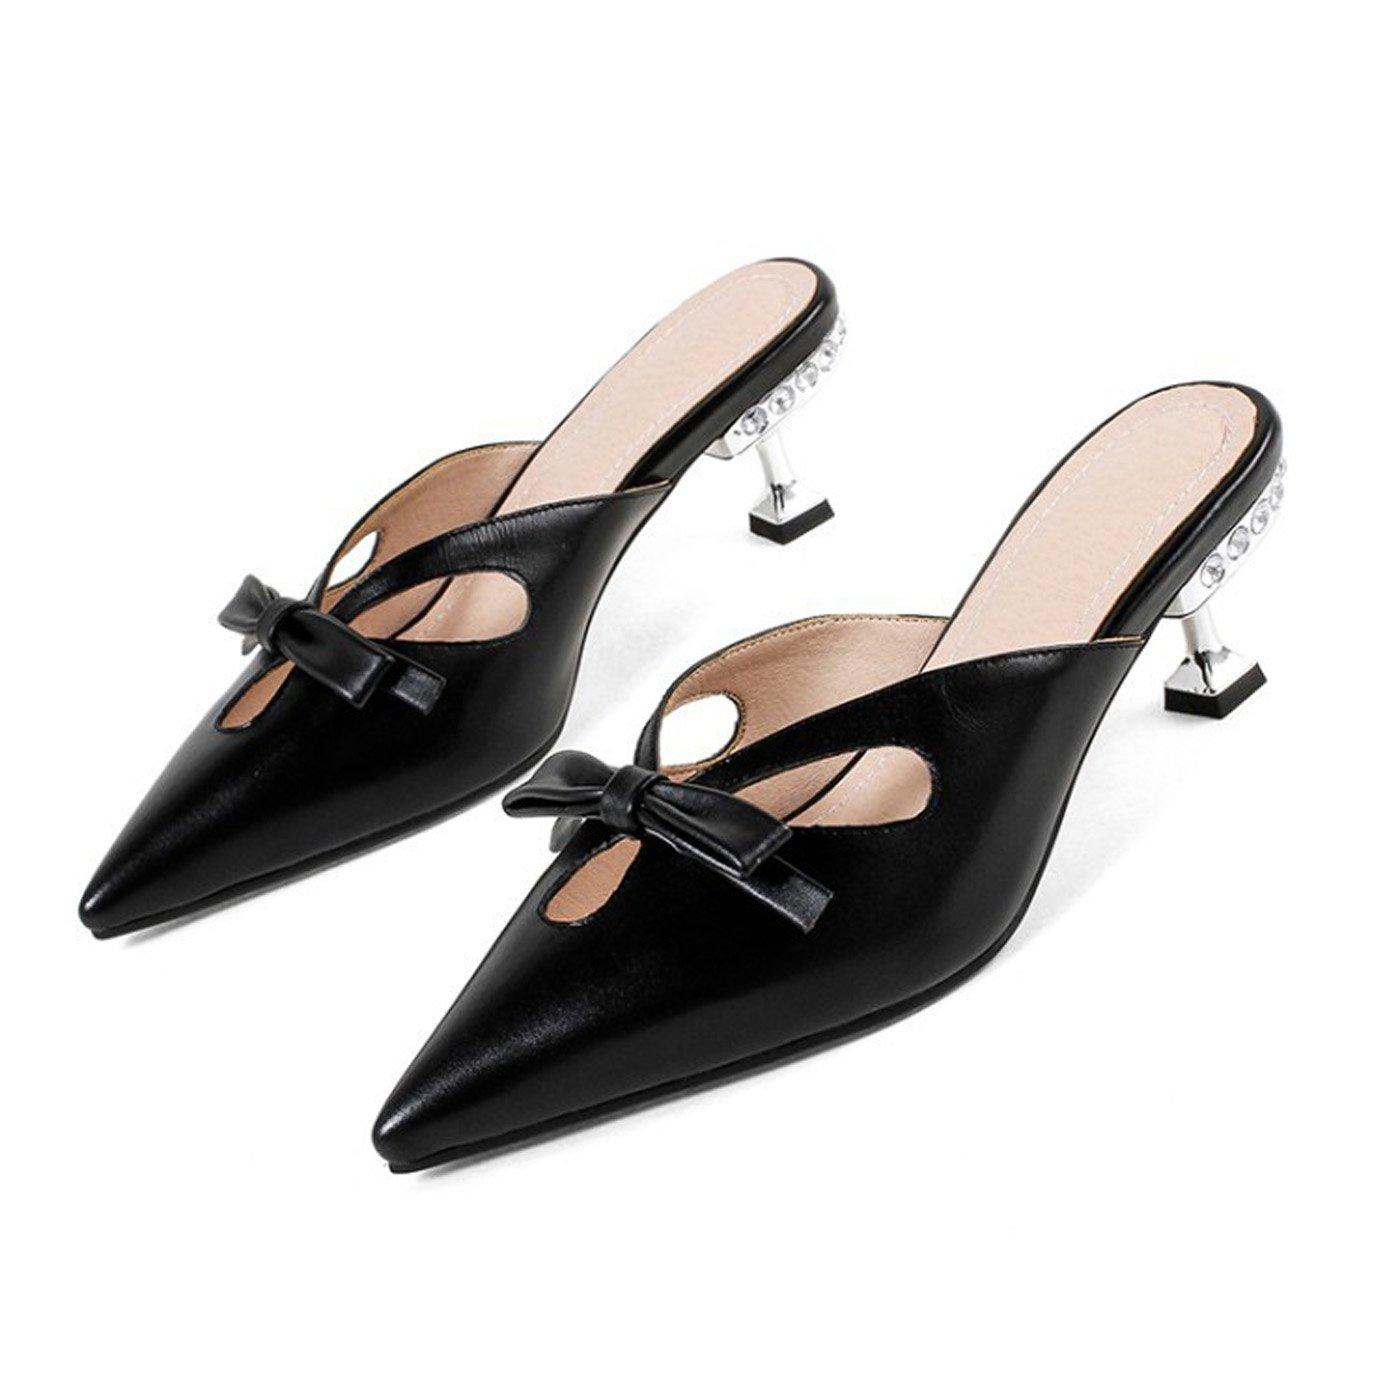 ZXMXY Damen Schuhe Sommer Light Sohlen Sandalen Kitten Heel Spitz Schnalle für Kleid Schwarz Sandalen im Freien